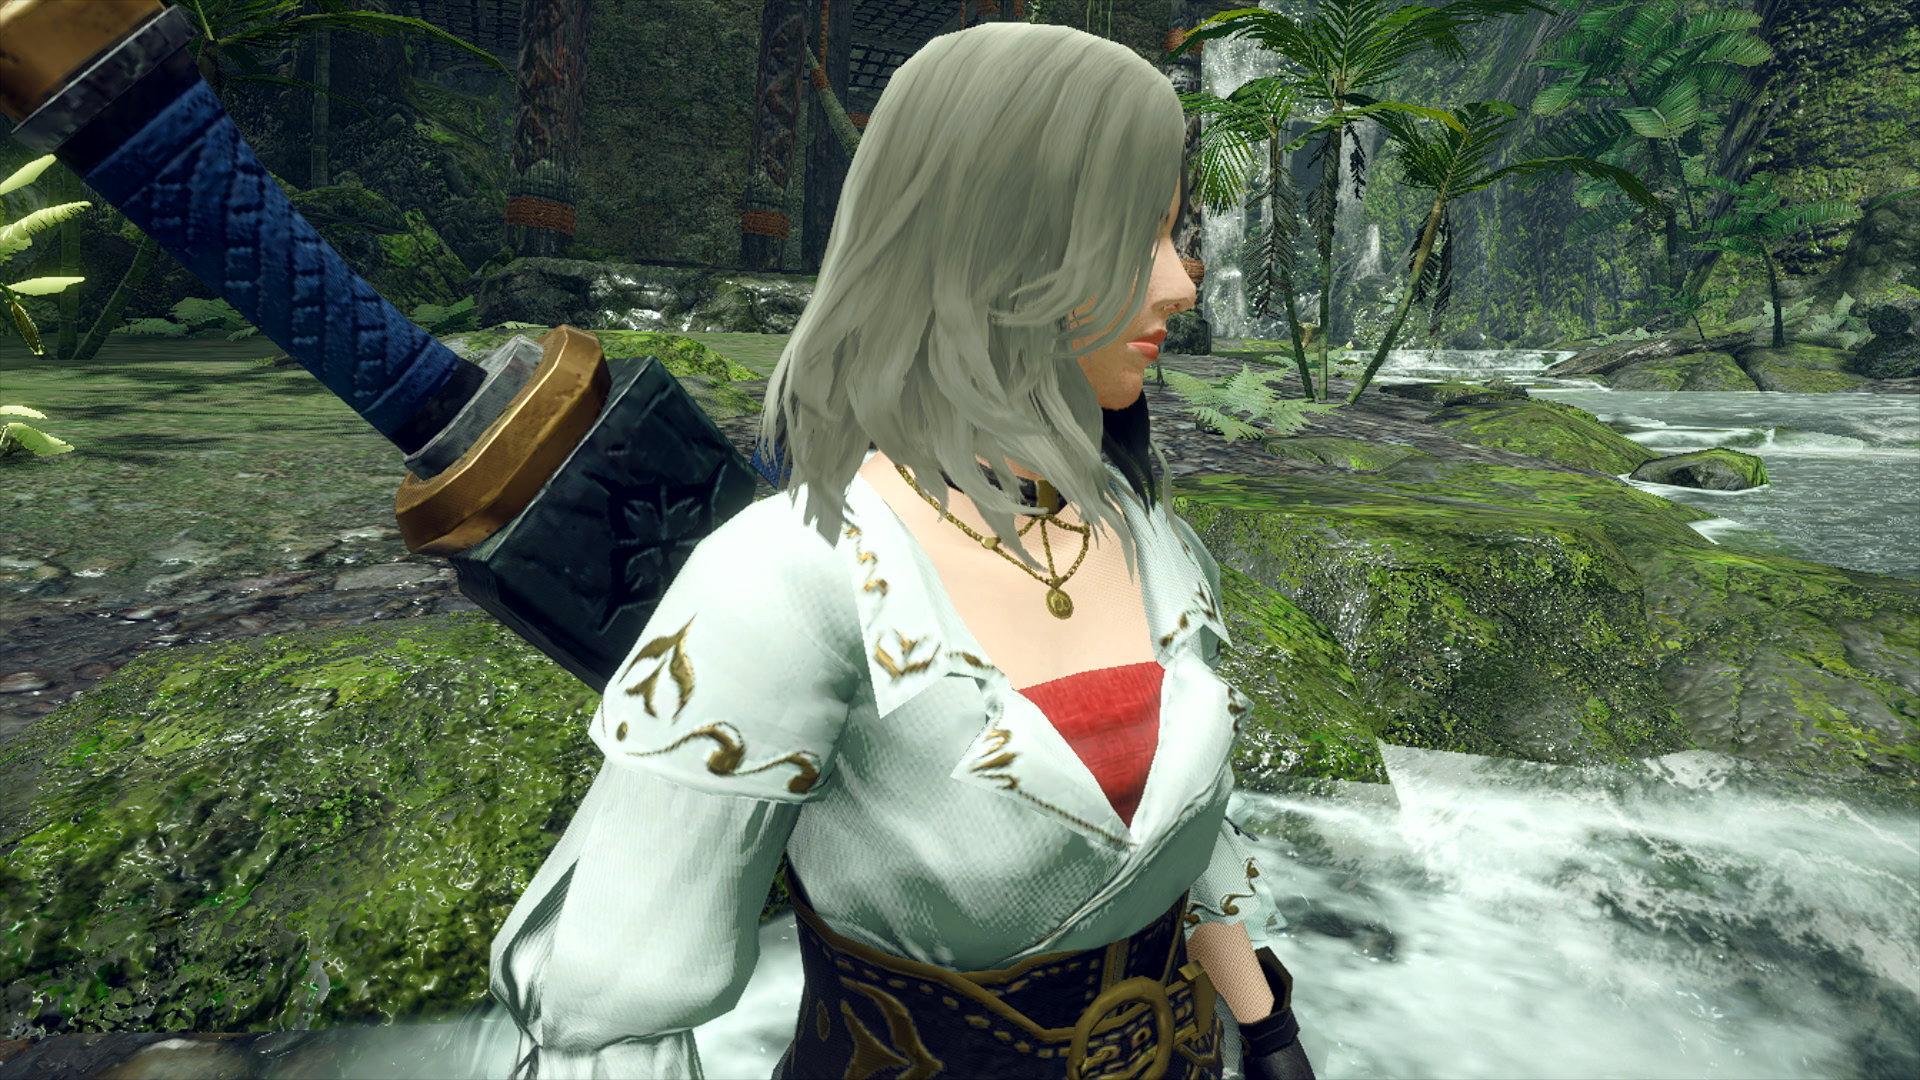 《怪物猎人:崛起》免费游戏更新Ver.2.0现已发布